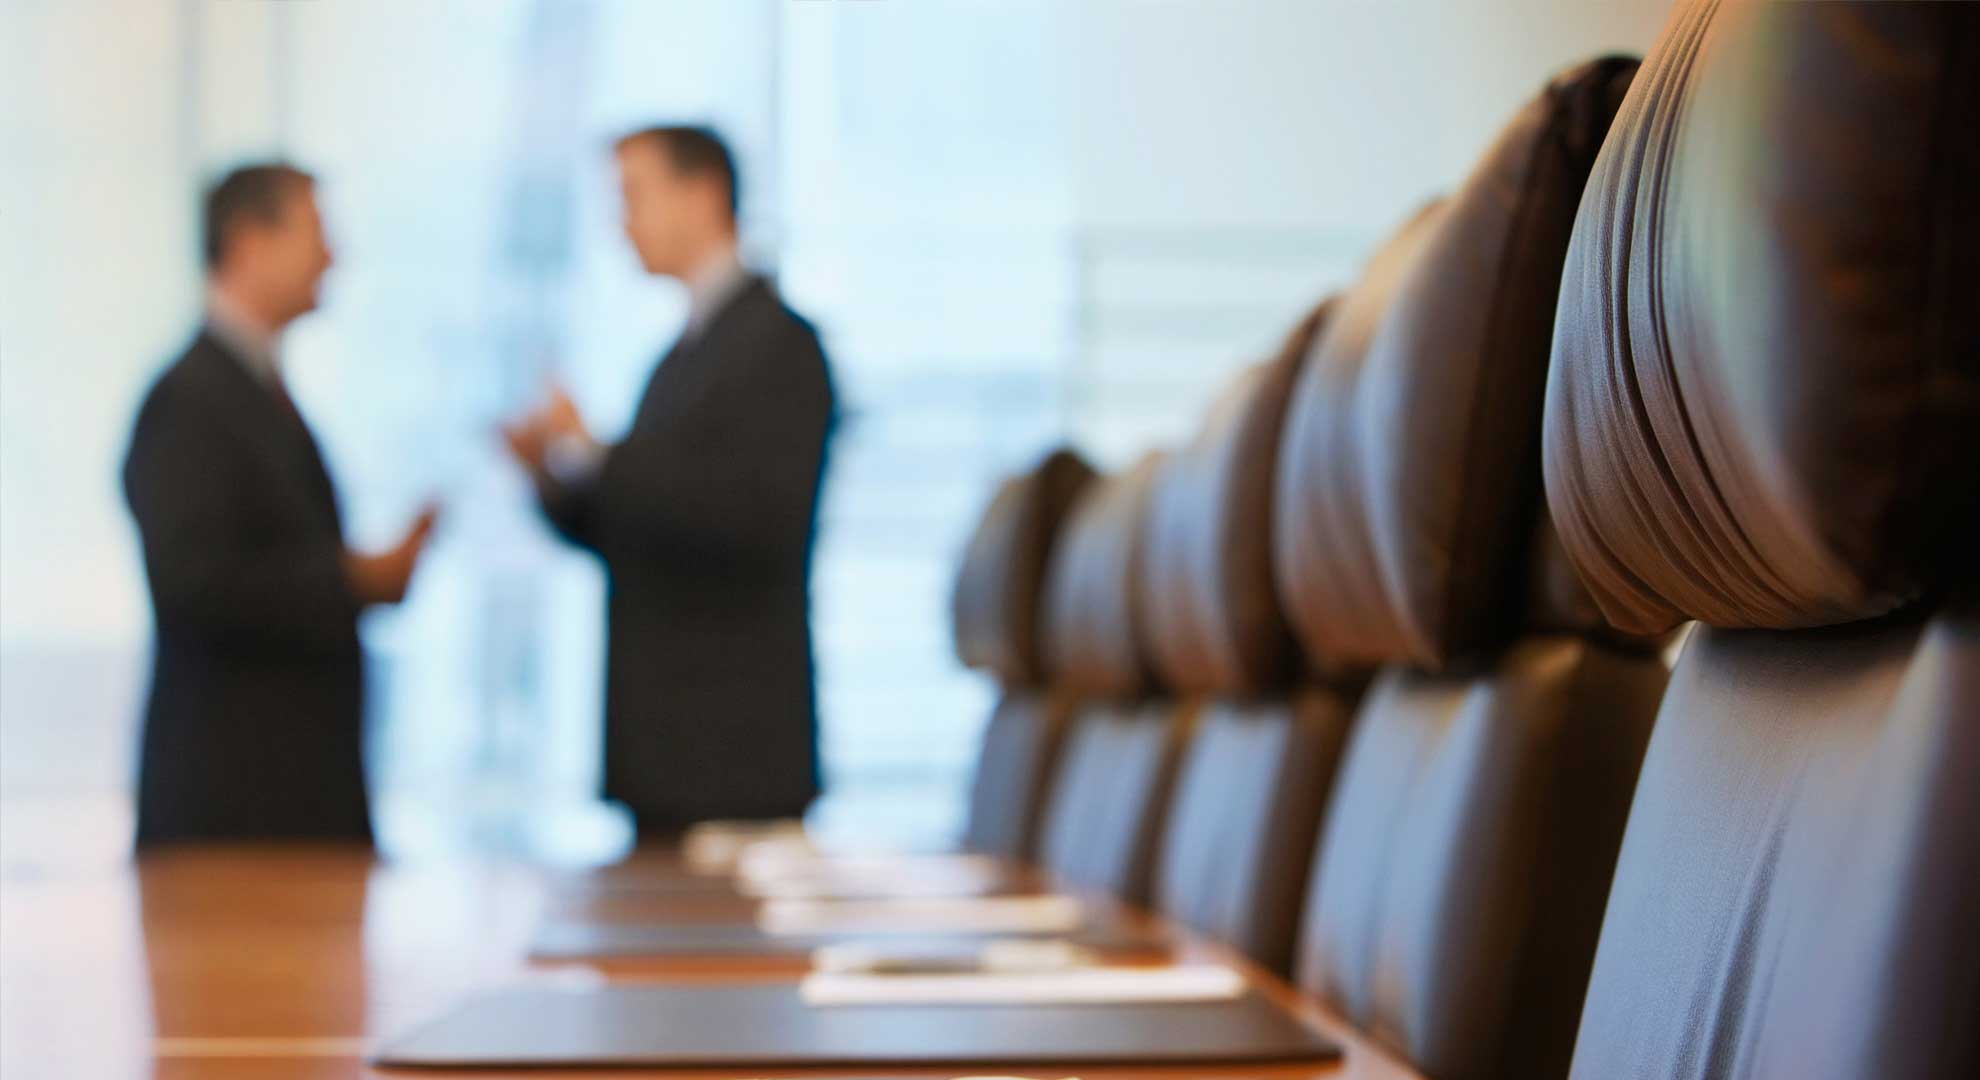 وظایف هیئت مدیره | هیئت مدیره خوب و حاکمیت شرکتی در سطح استارتاپها | ۳